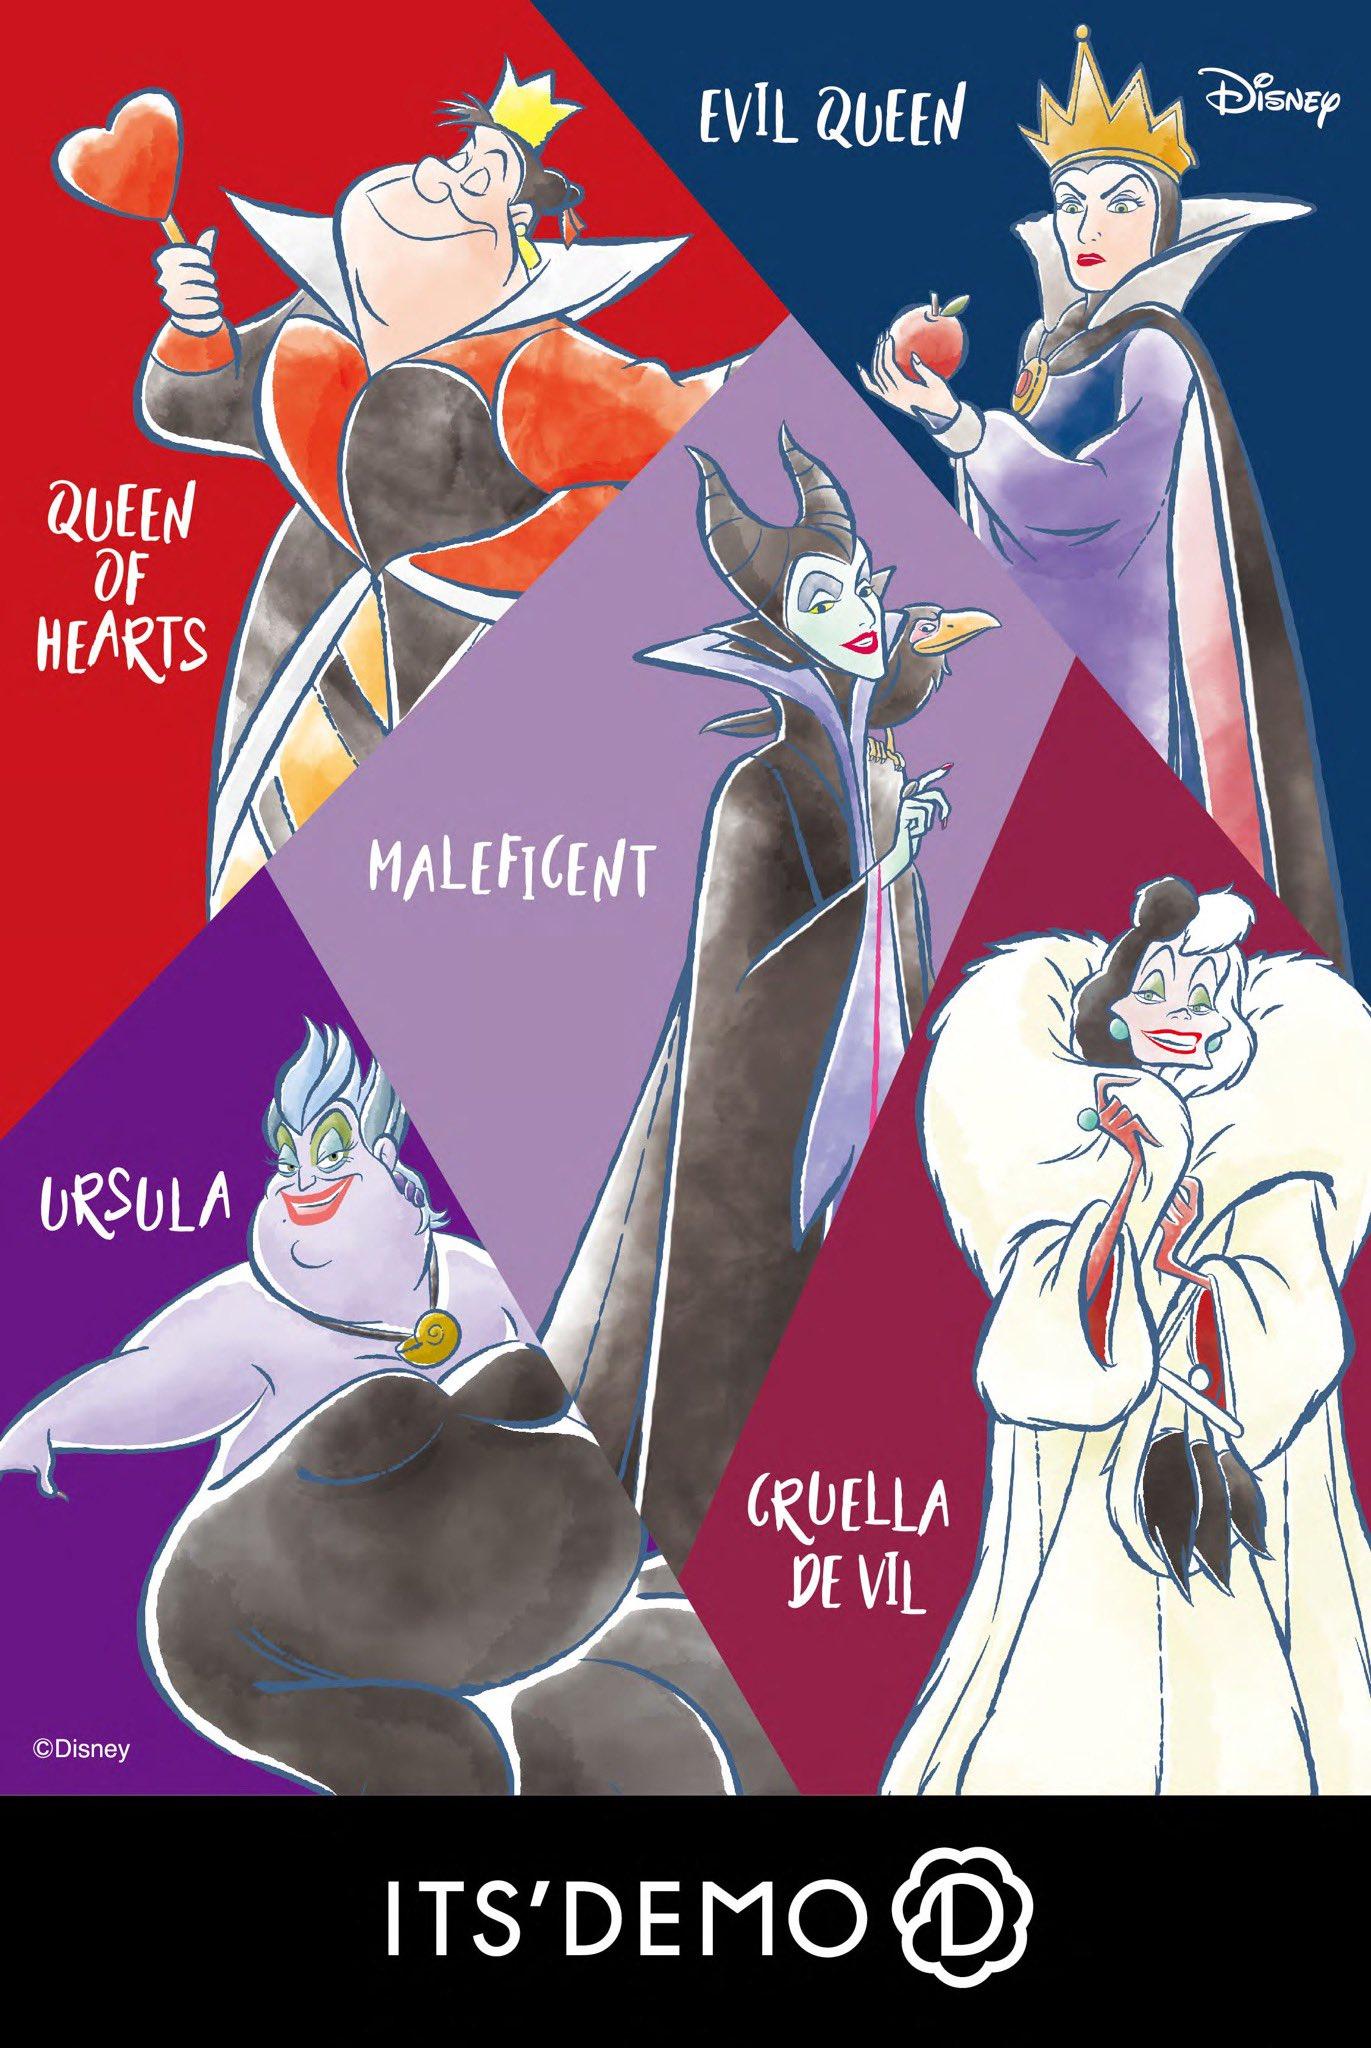 「ディズニーヴィランズ」x「イッツデモ」マレフィセント・イーヴィルクイーンなど悪役たちによる少しダークでオトナな雰囲気に期待